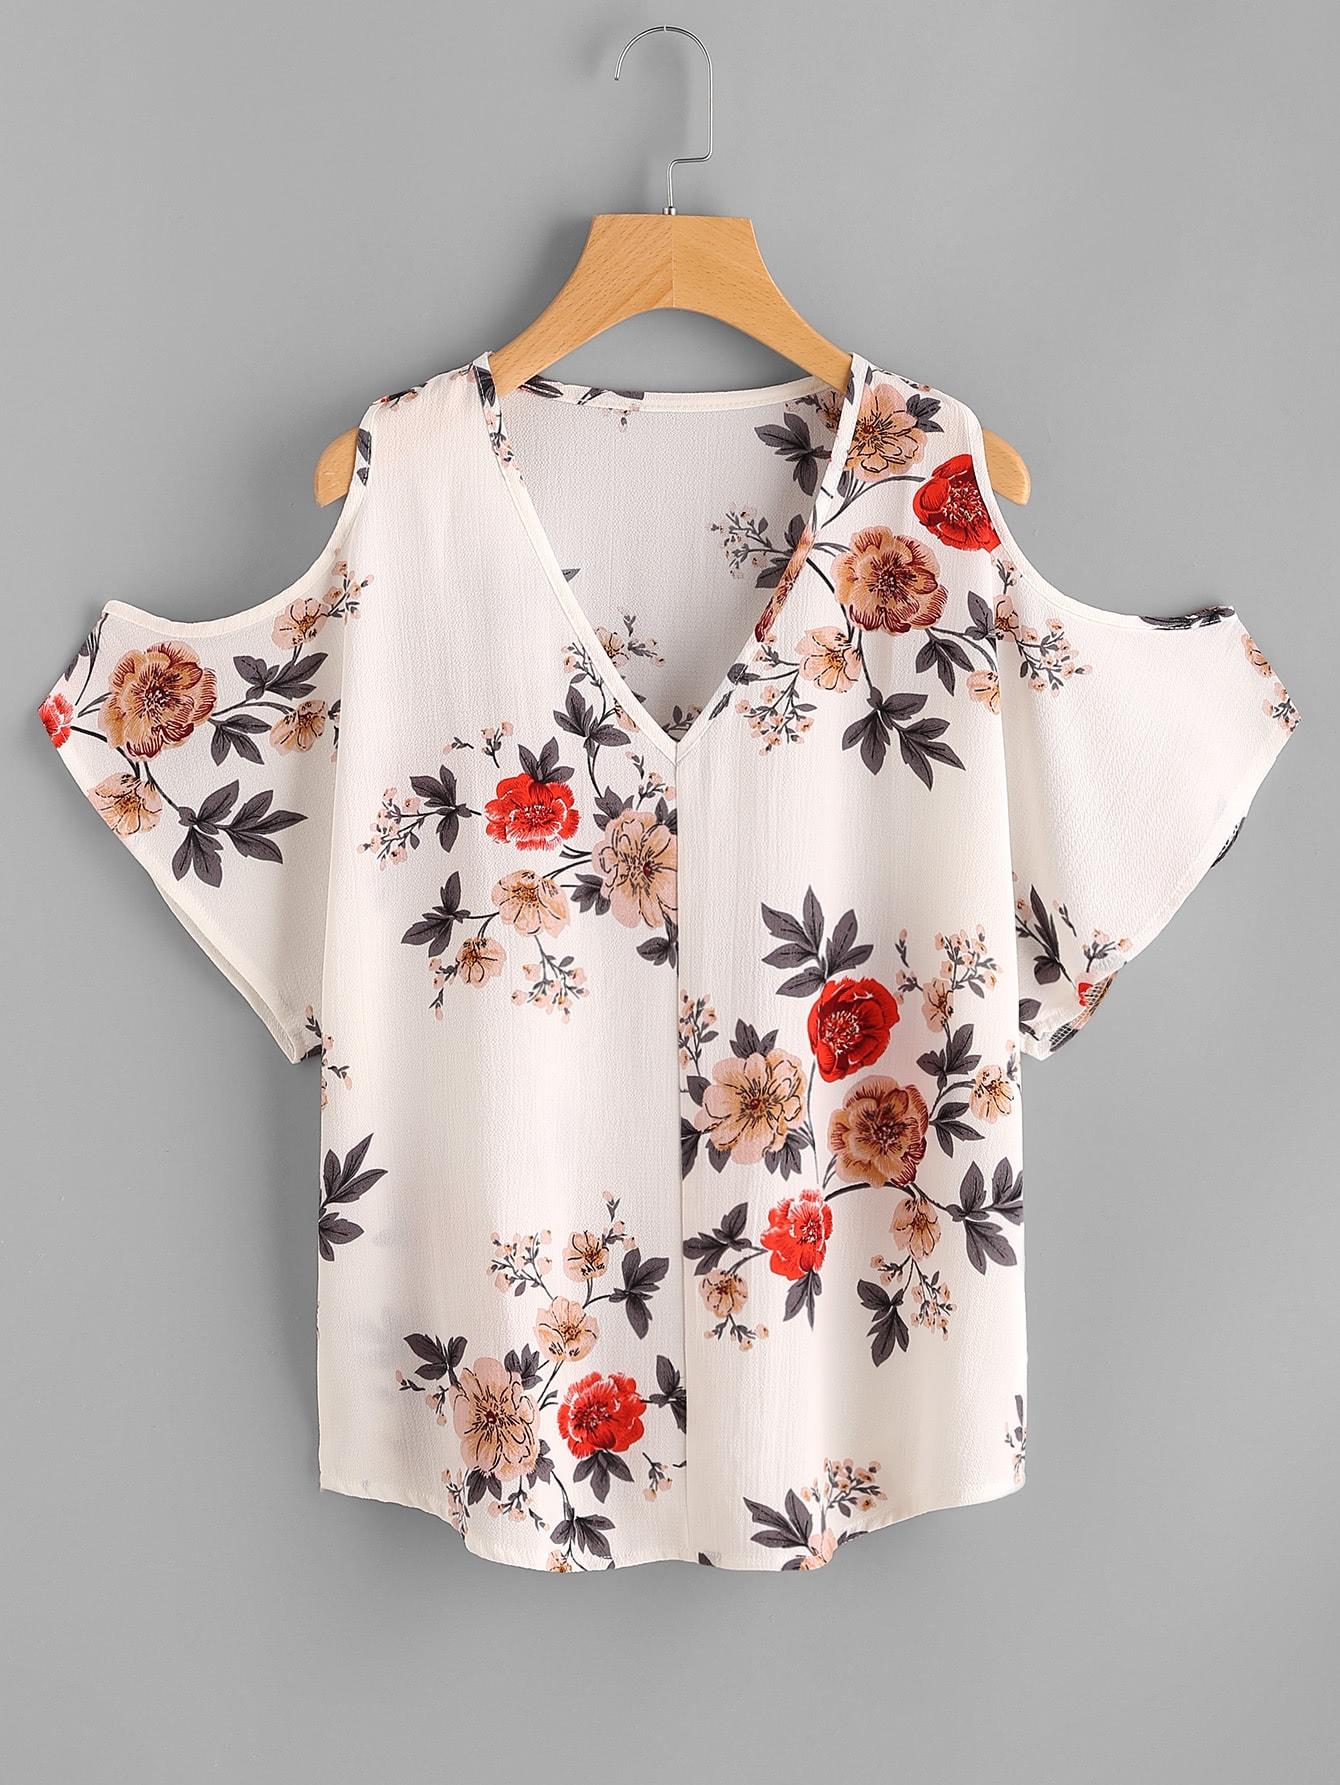 Купить Модный топ с открытыми плечами и V-образным вырезом, null, SheIn